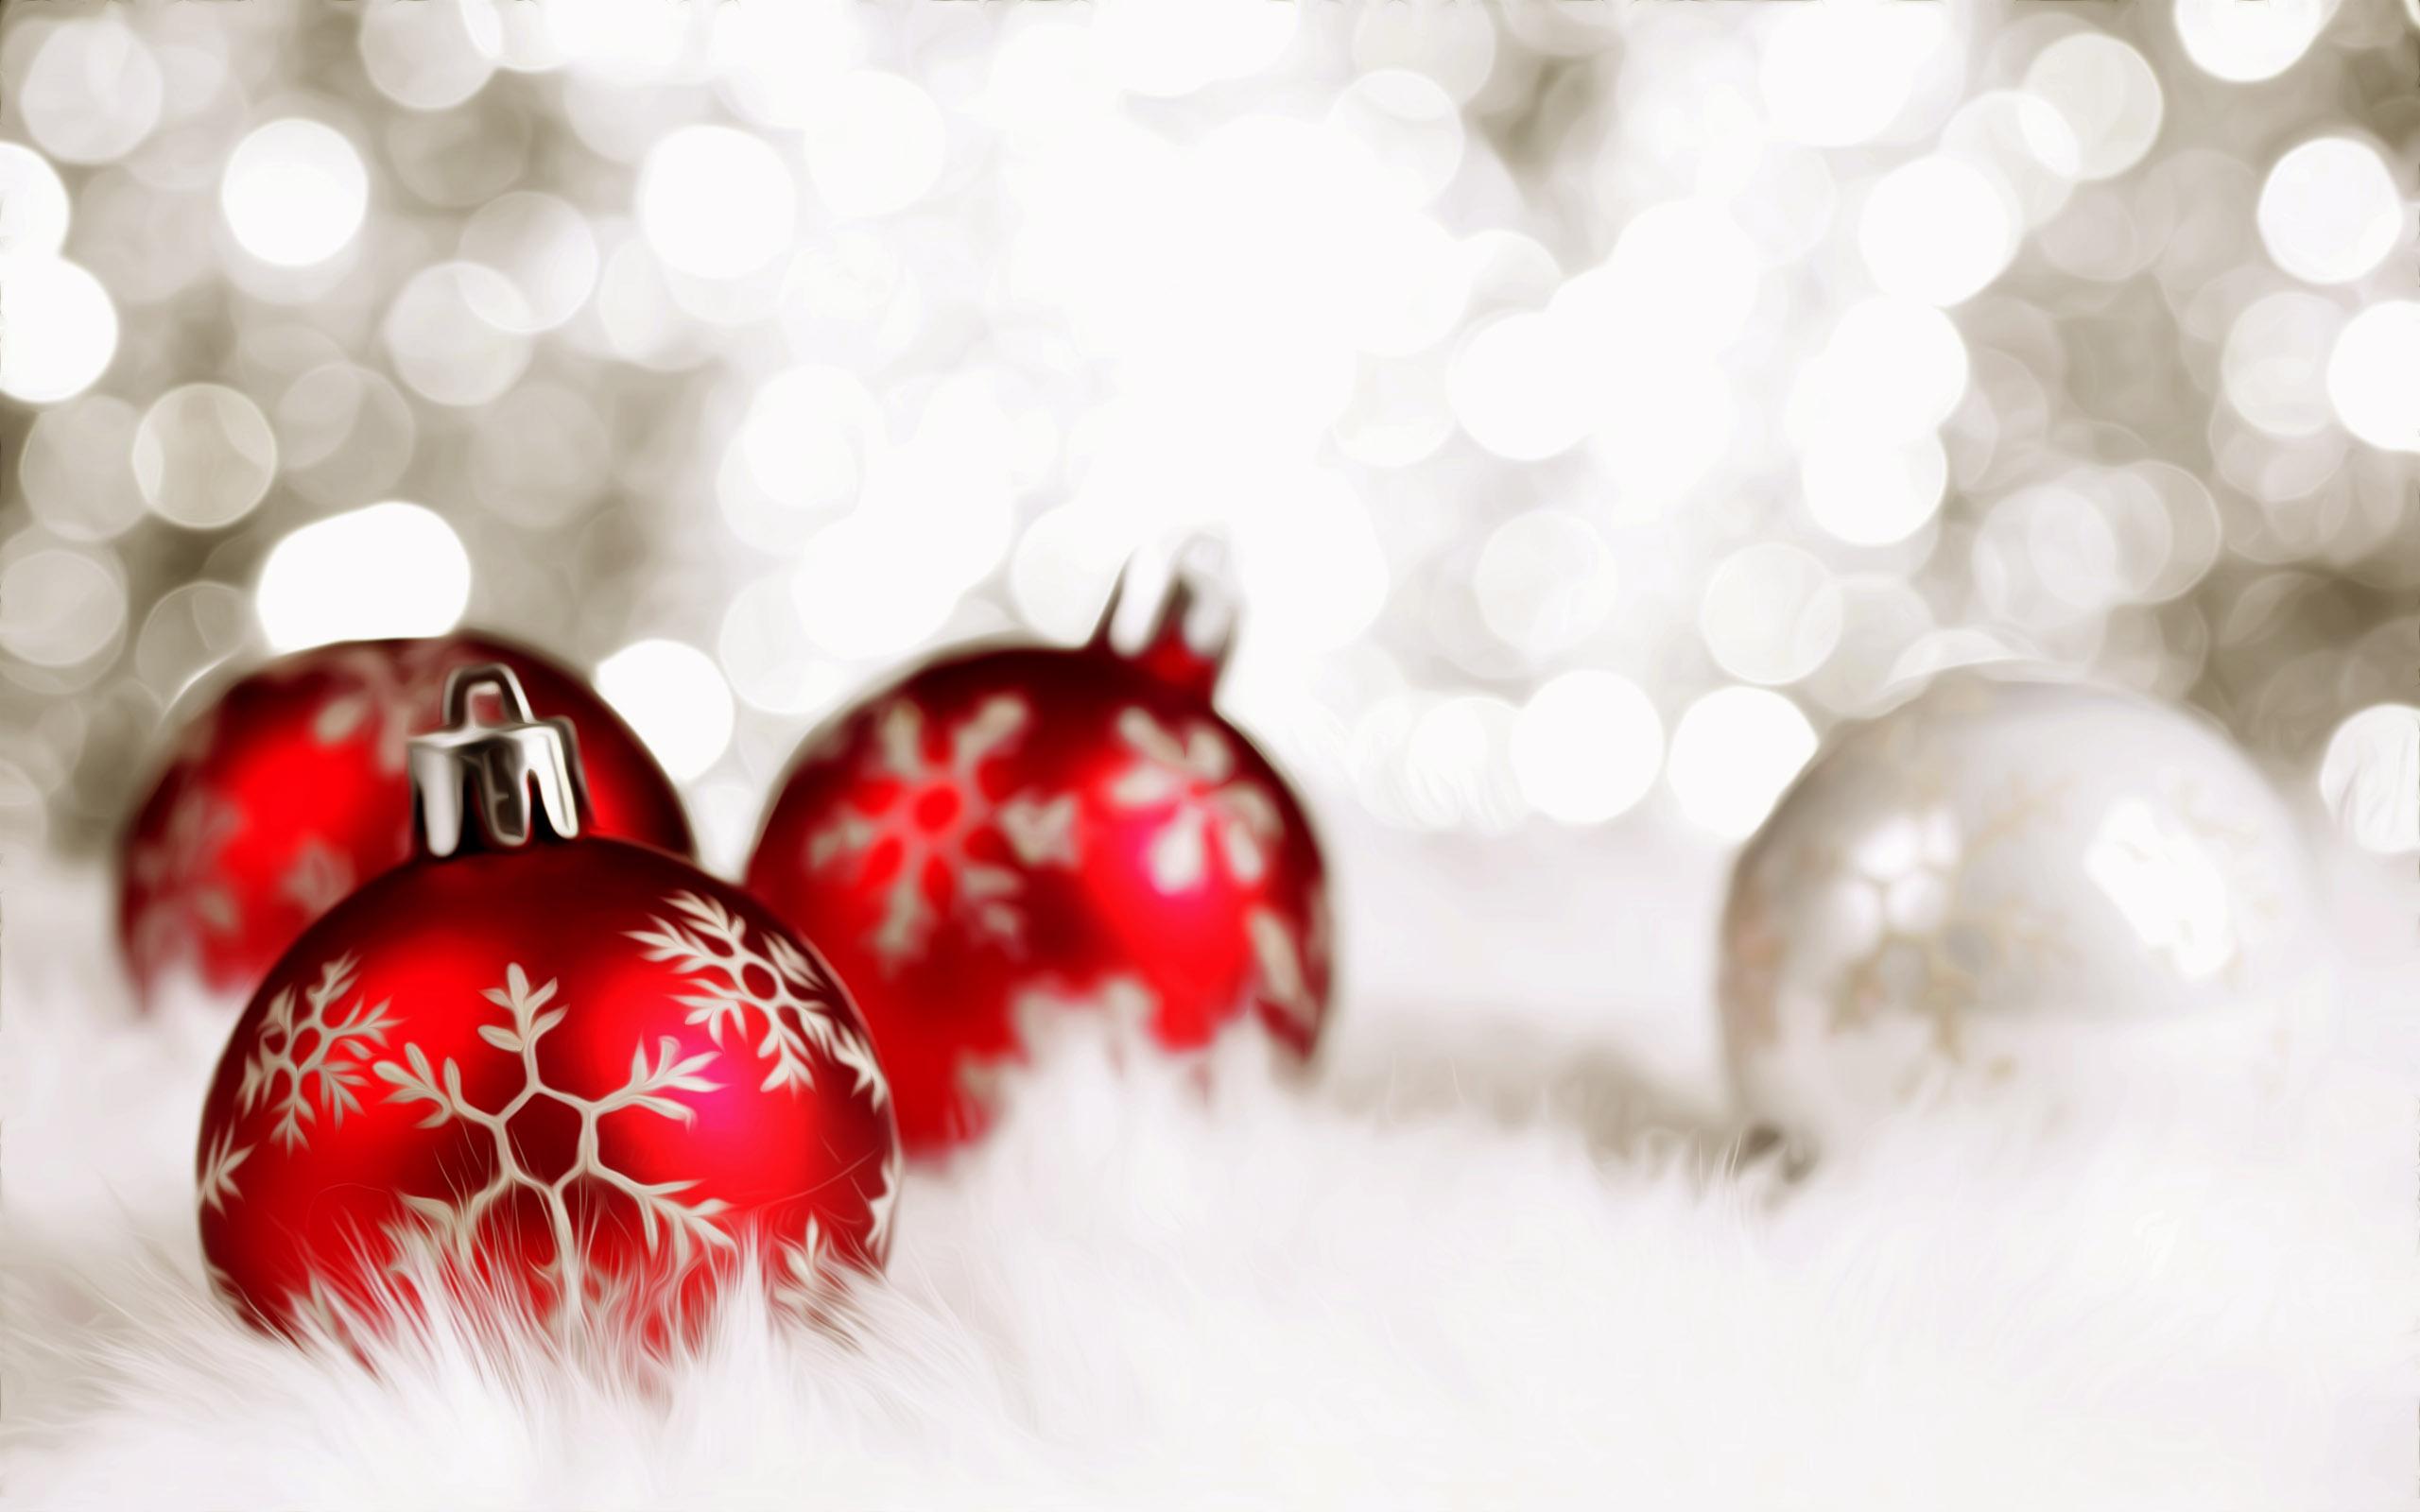 Christmas Xmas Image